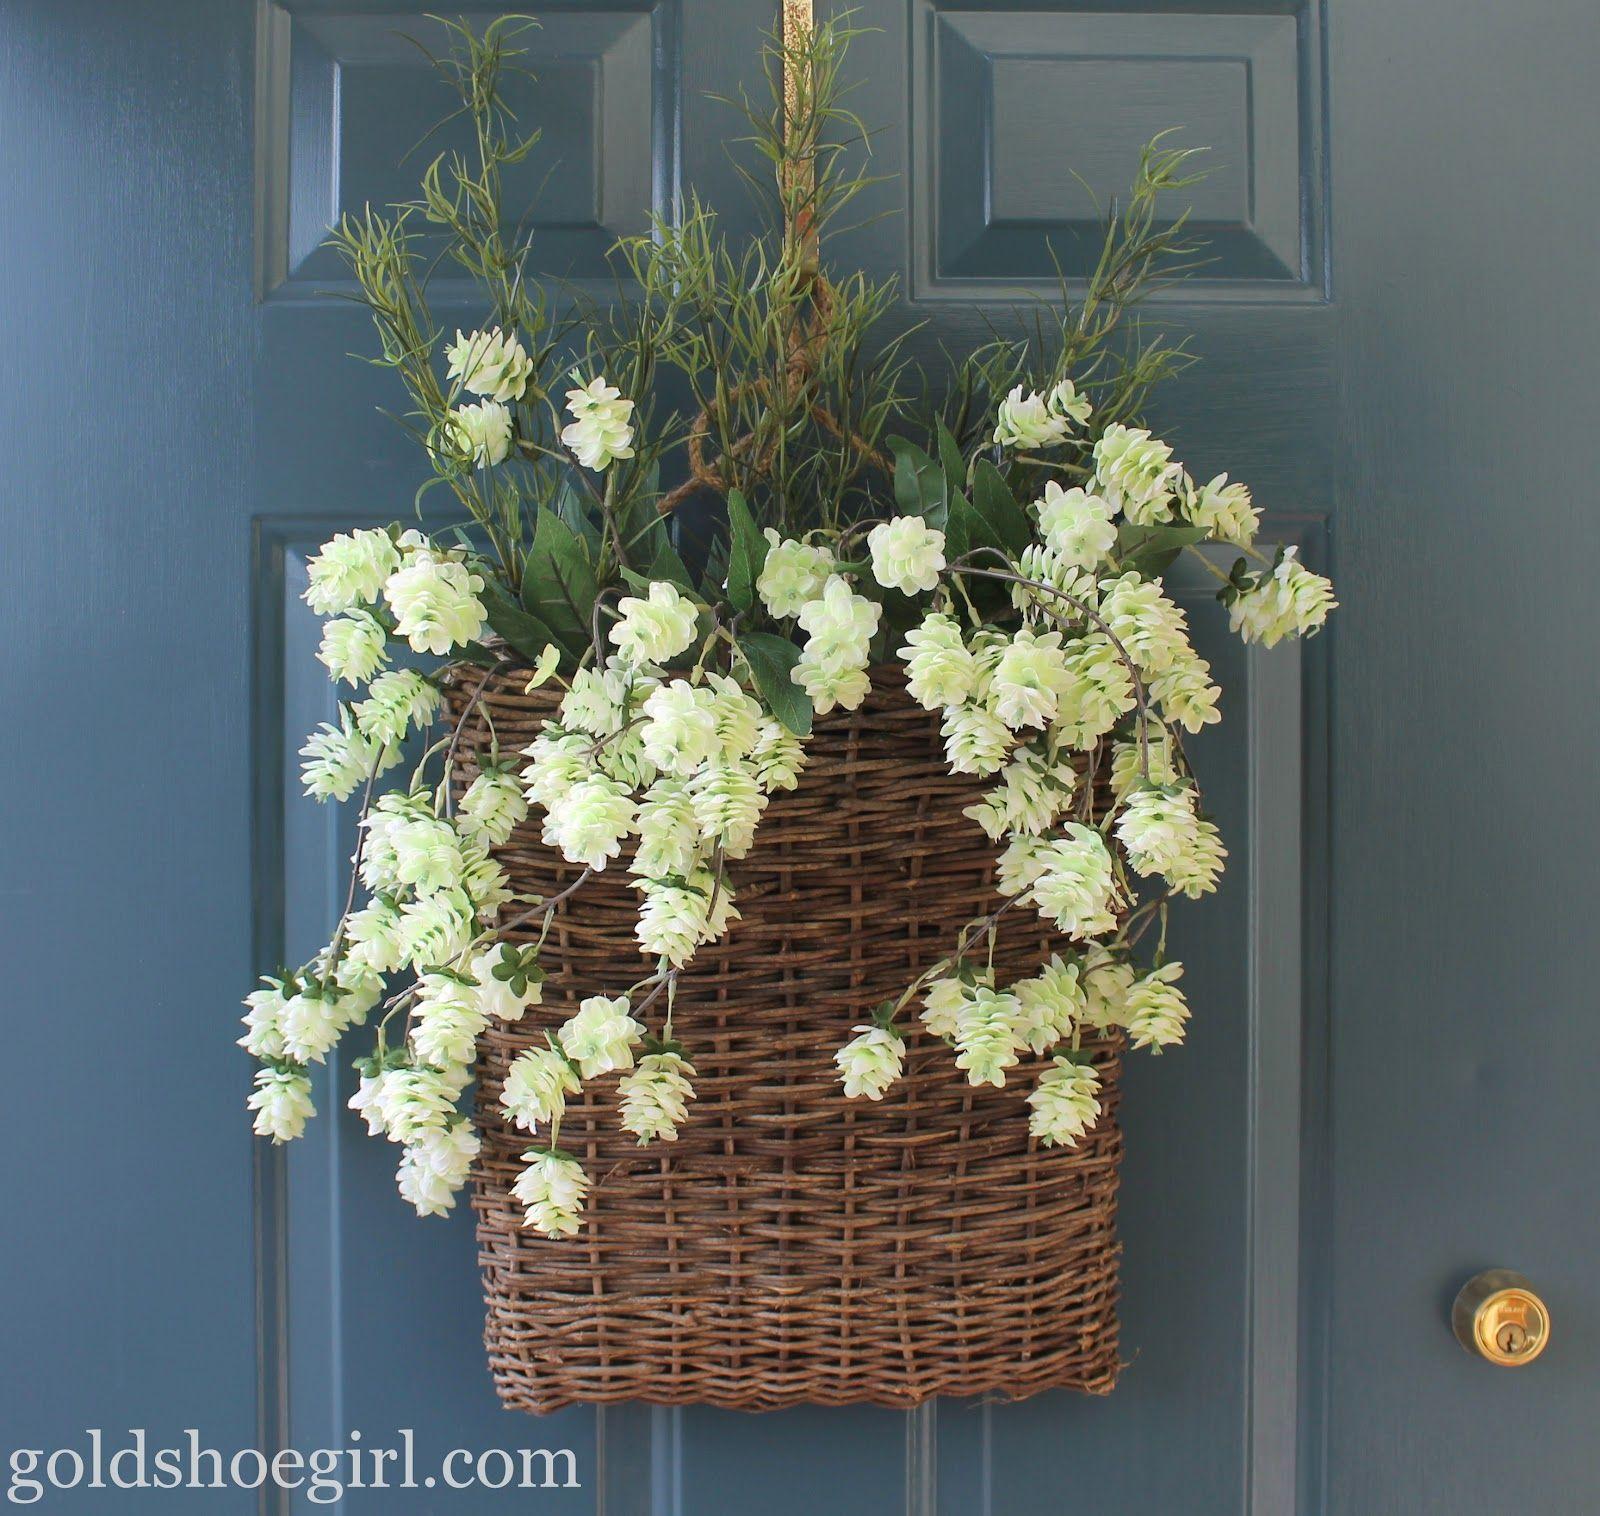 Flowers For Front Door: Goldshoegirl+front+door+flower+basket.jpg